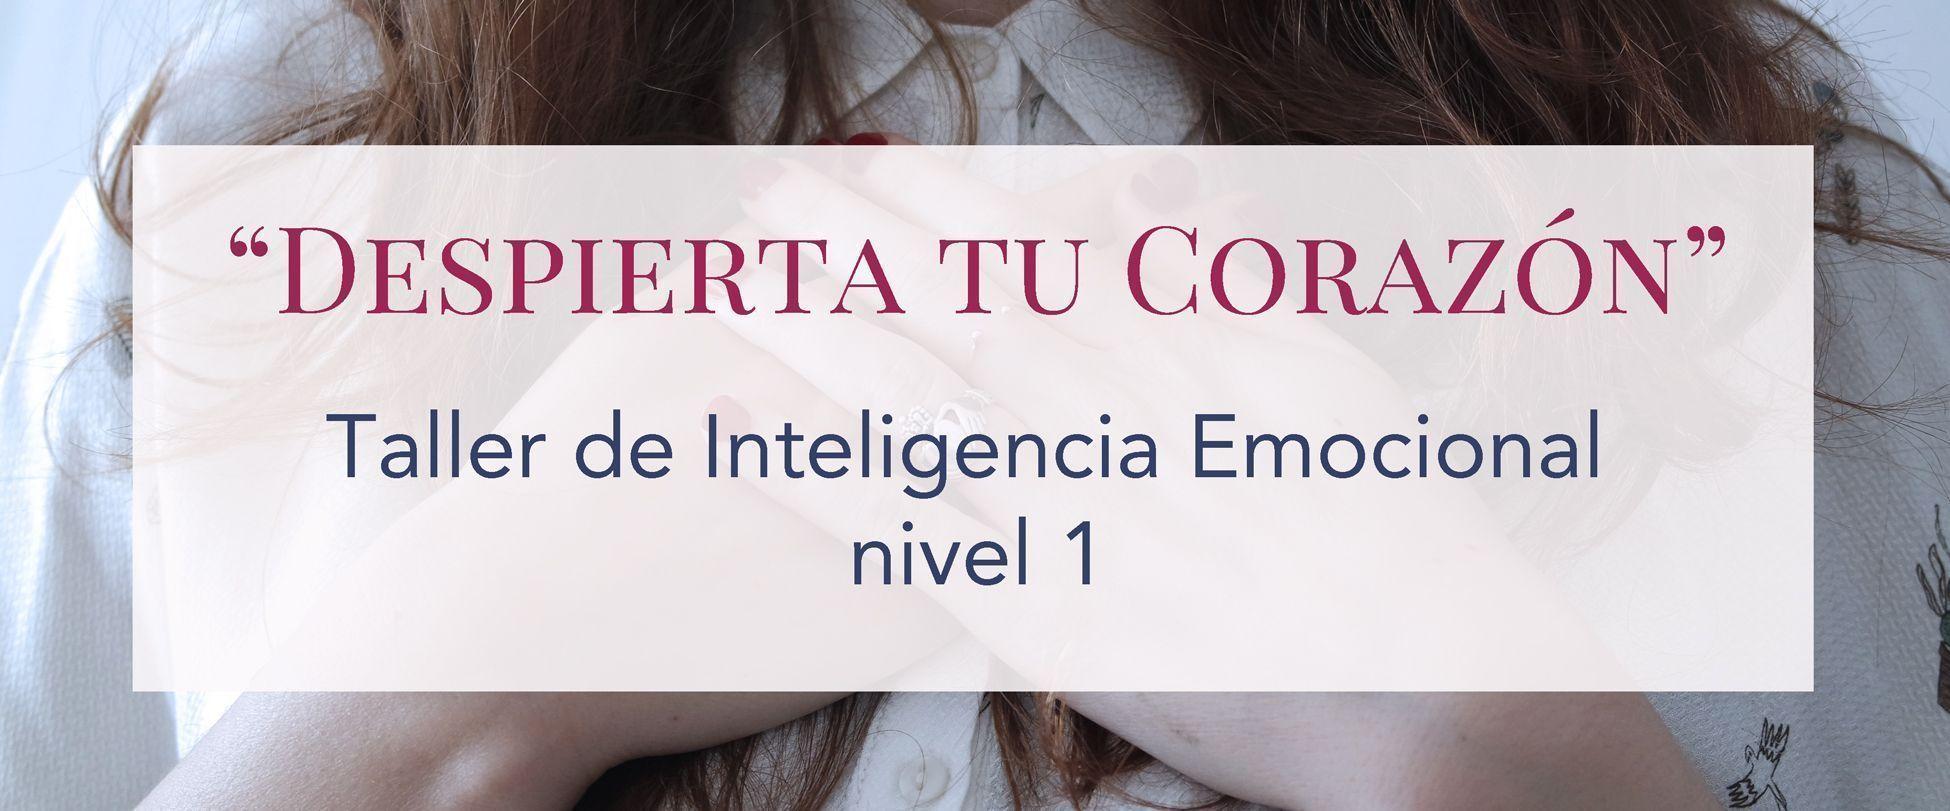 Taller de Inteligencia Emocional Nivel 1